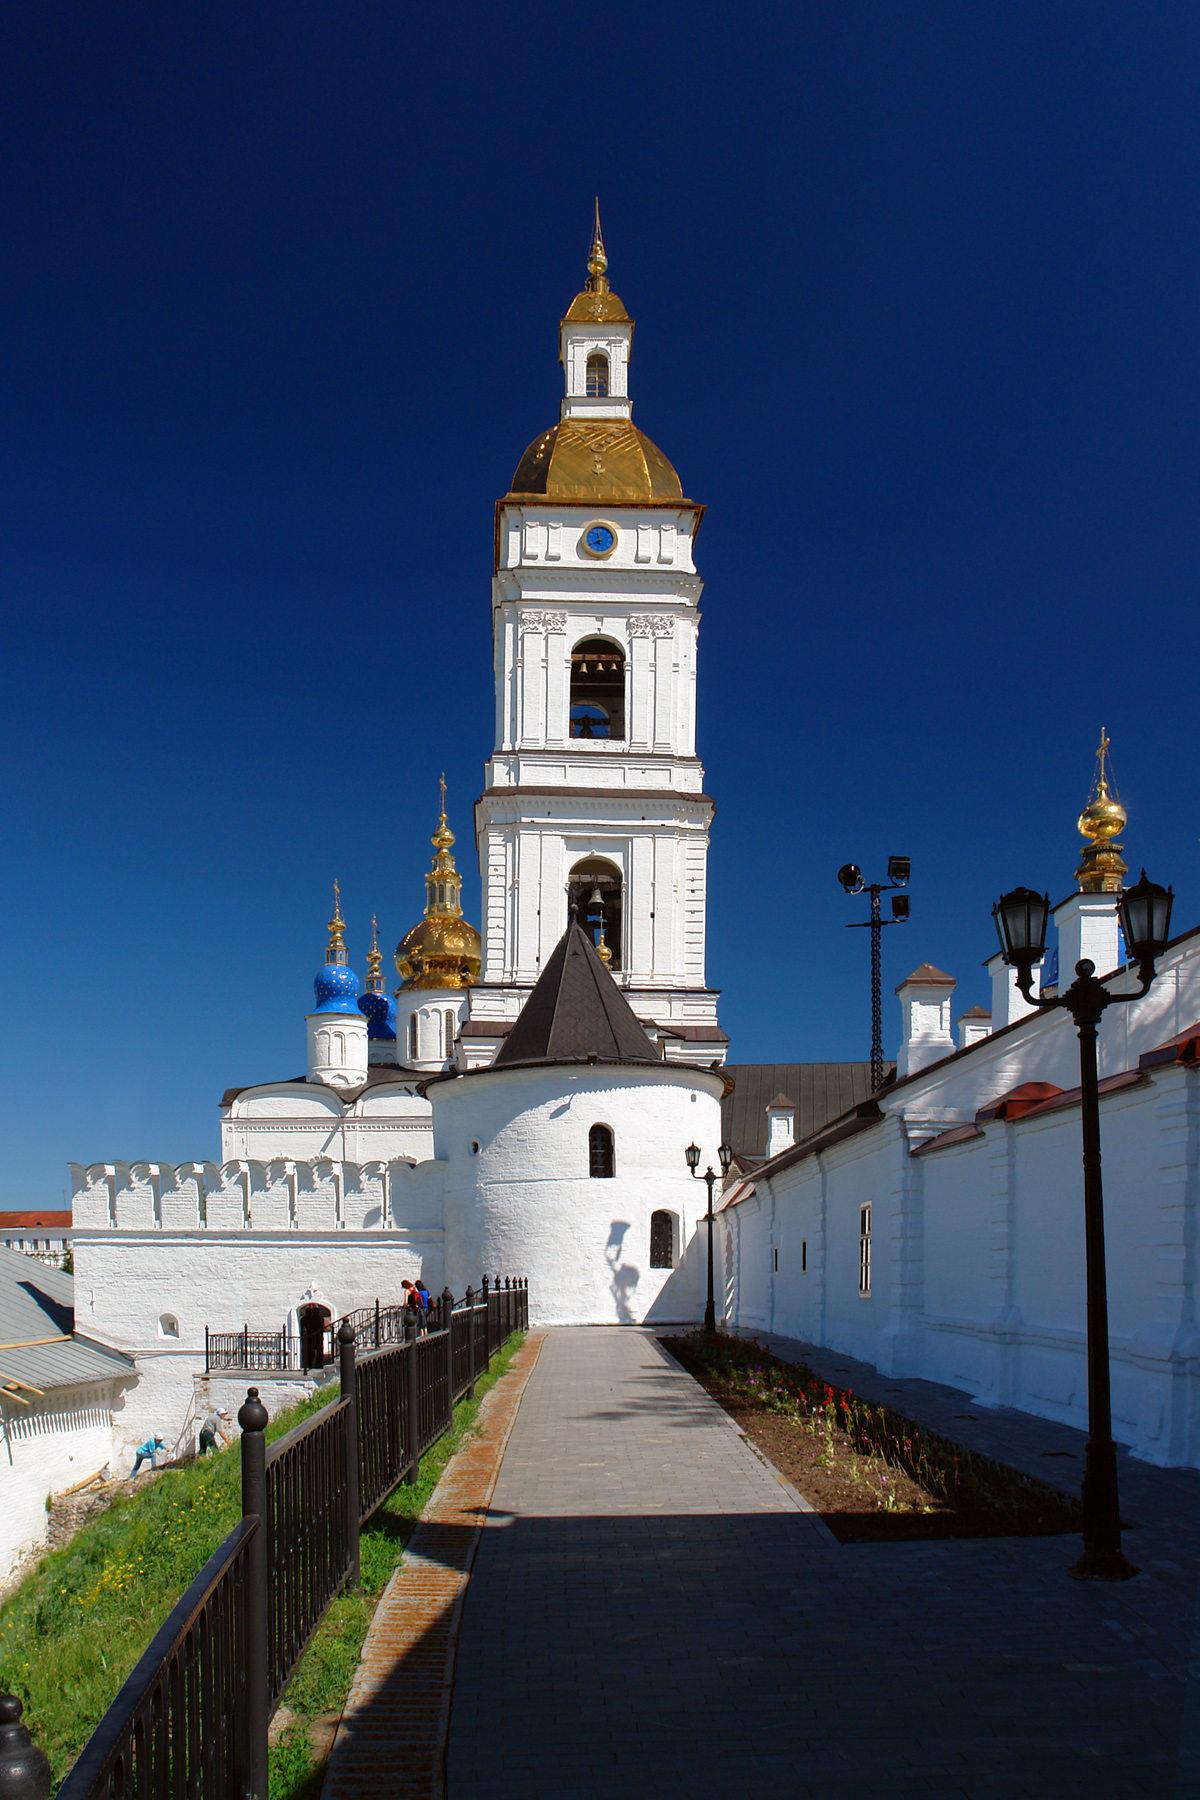 Соборная колокольня, Тобольский кремль, Тобольск, Тюменская область